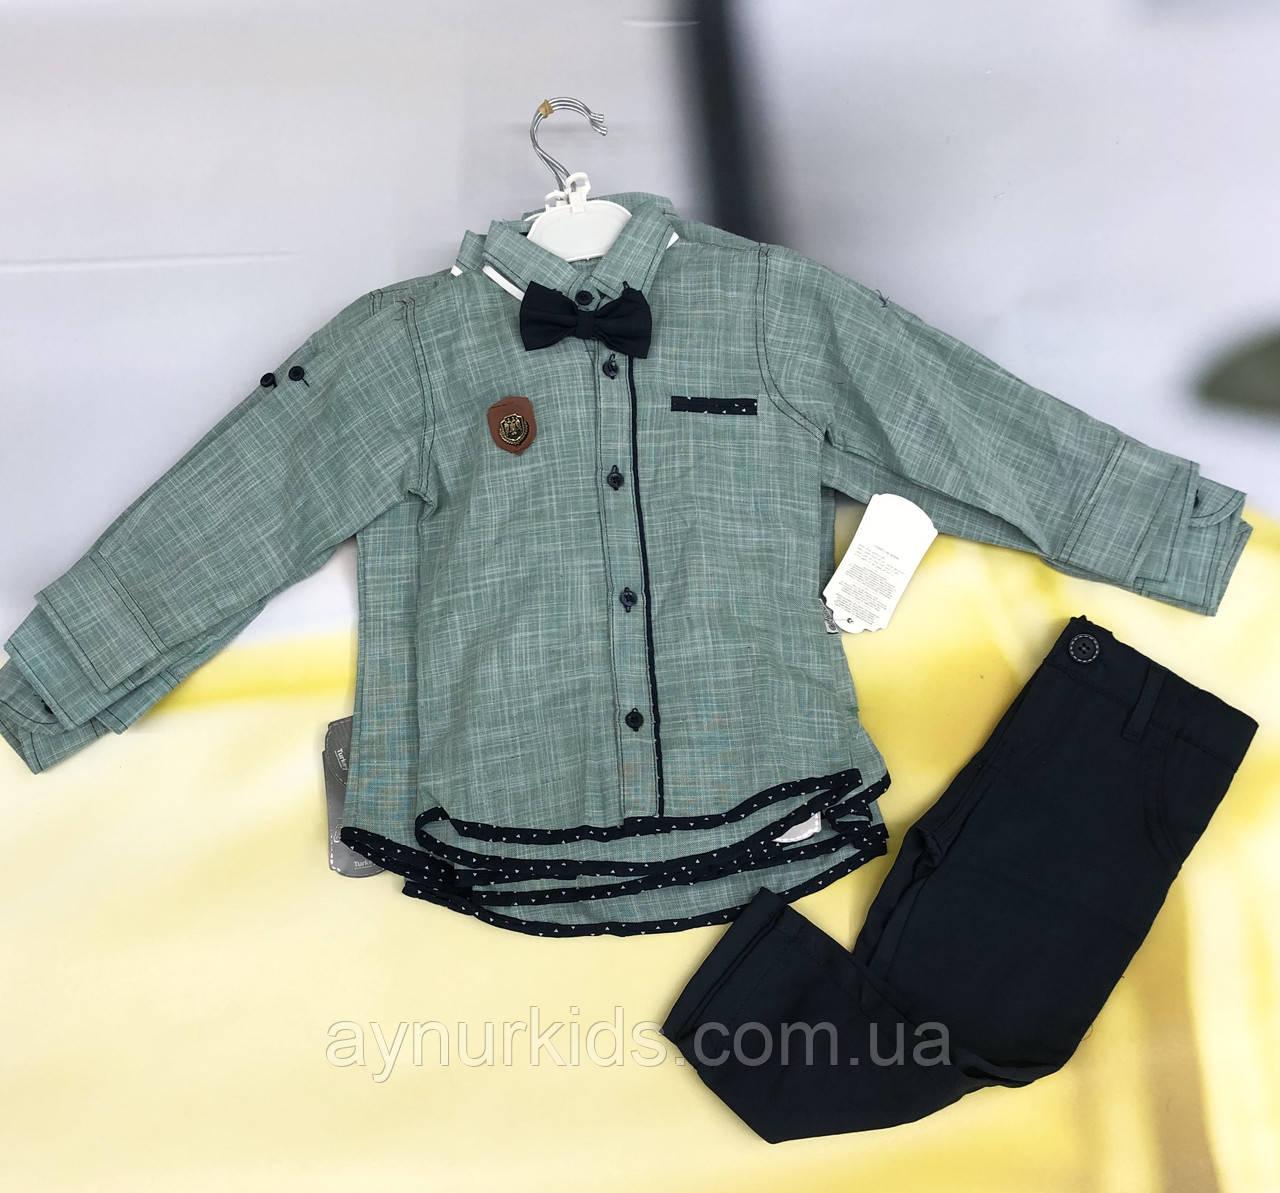 a0229c66abf Комплект  рубашка